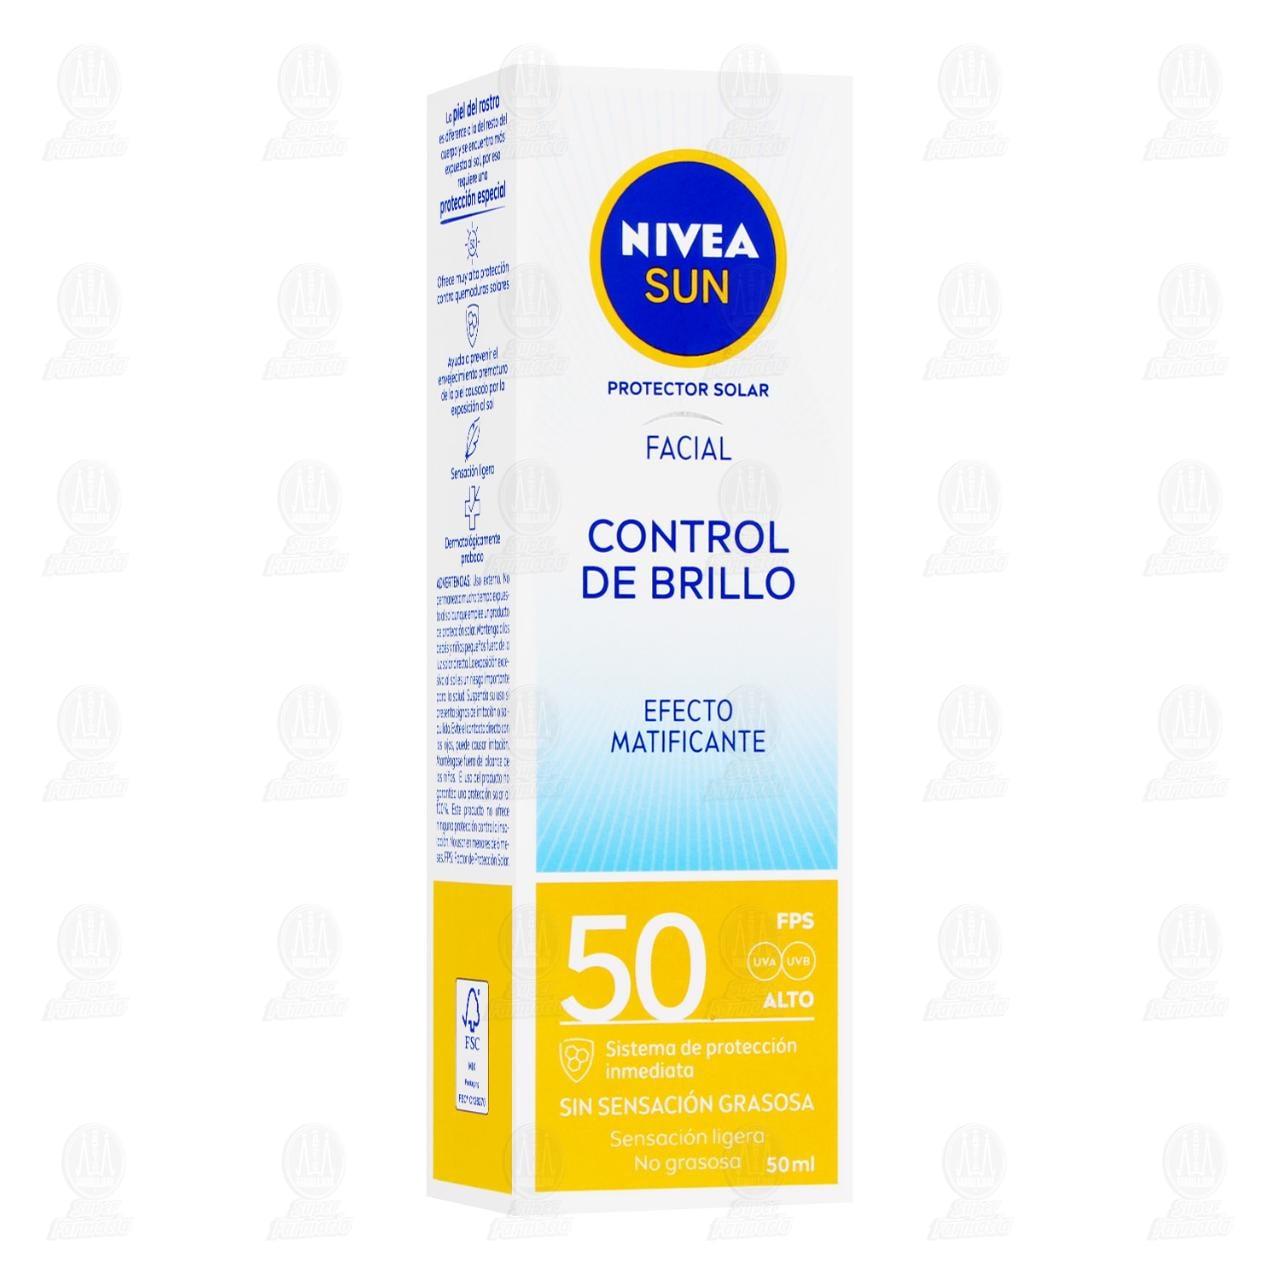 comprar https://www.movil.farmaciasguadalajara.com/wcsstore/FGCAS/wcs/products/1362143_A_1280_AL.jpg en farmacias guadalajara